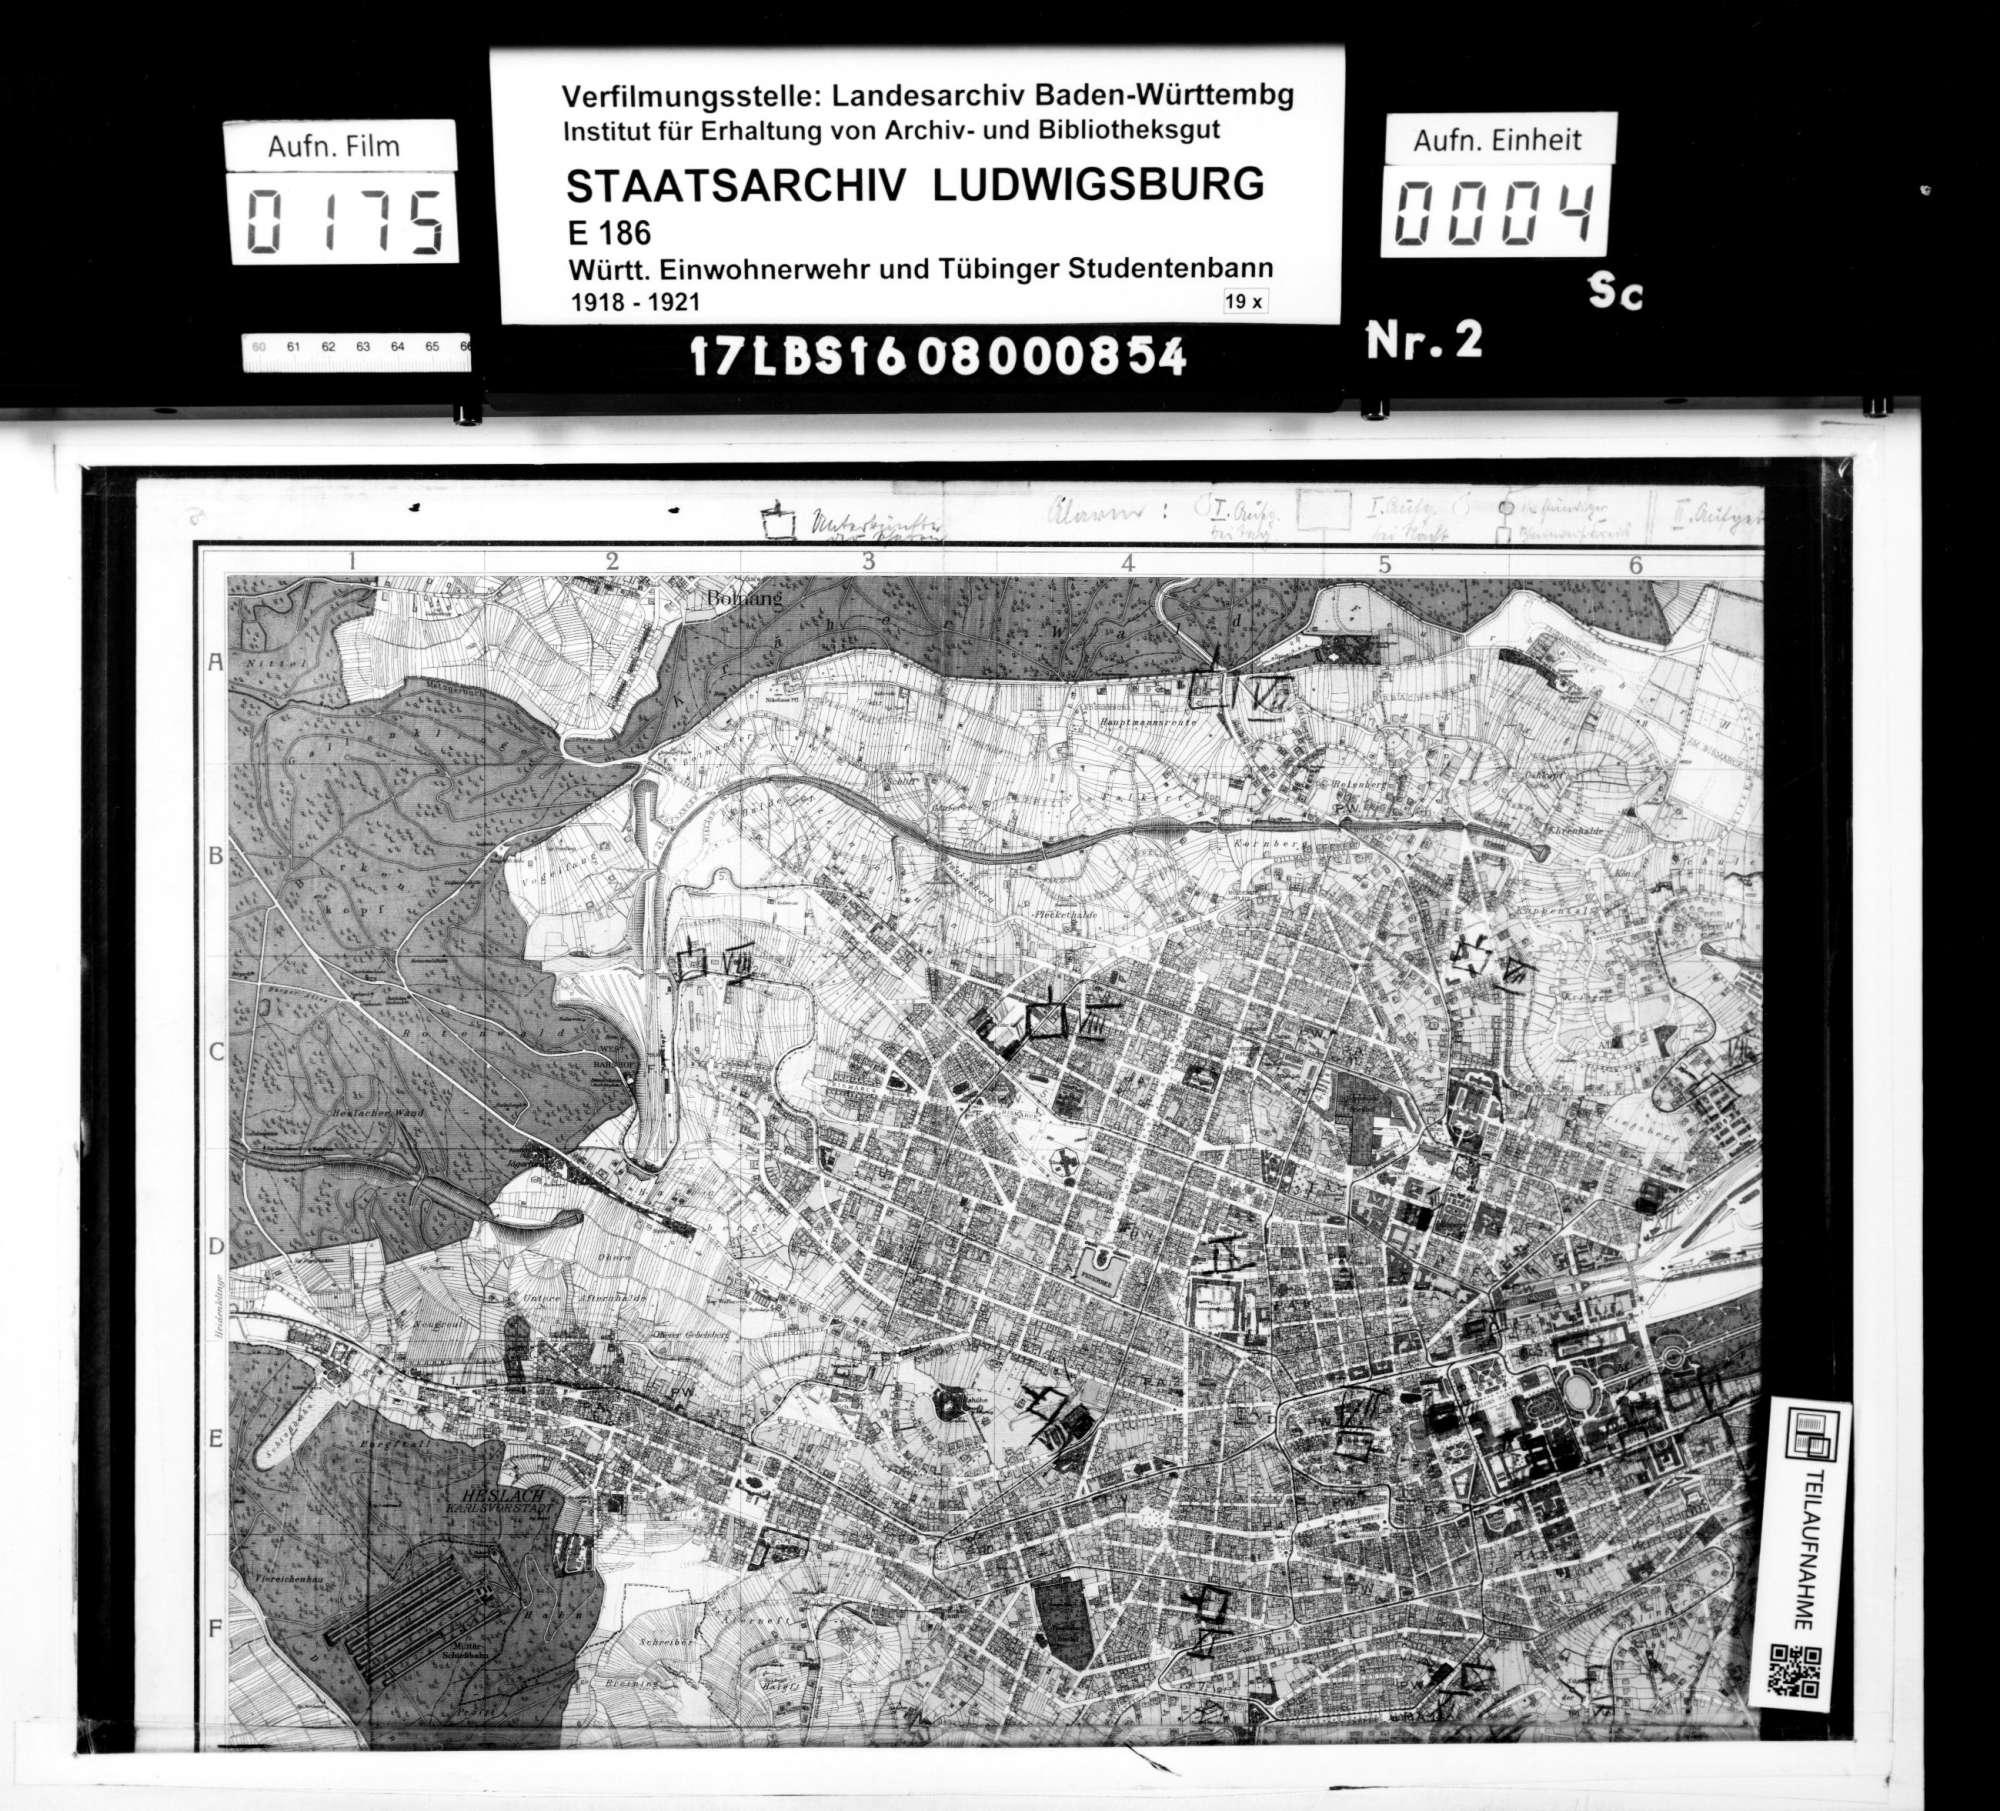 Pläne zum Alarmsystem der Einwohnerwehr Stuttgart, Bild 2